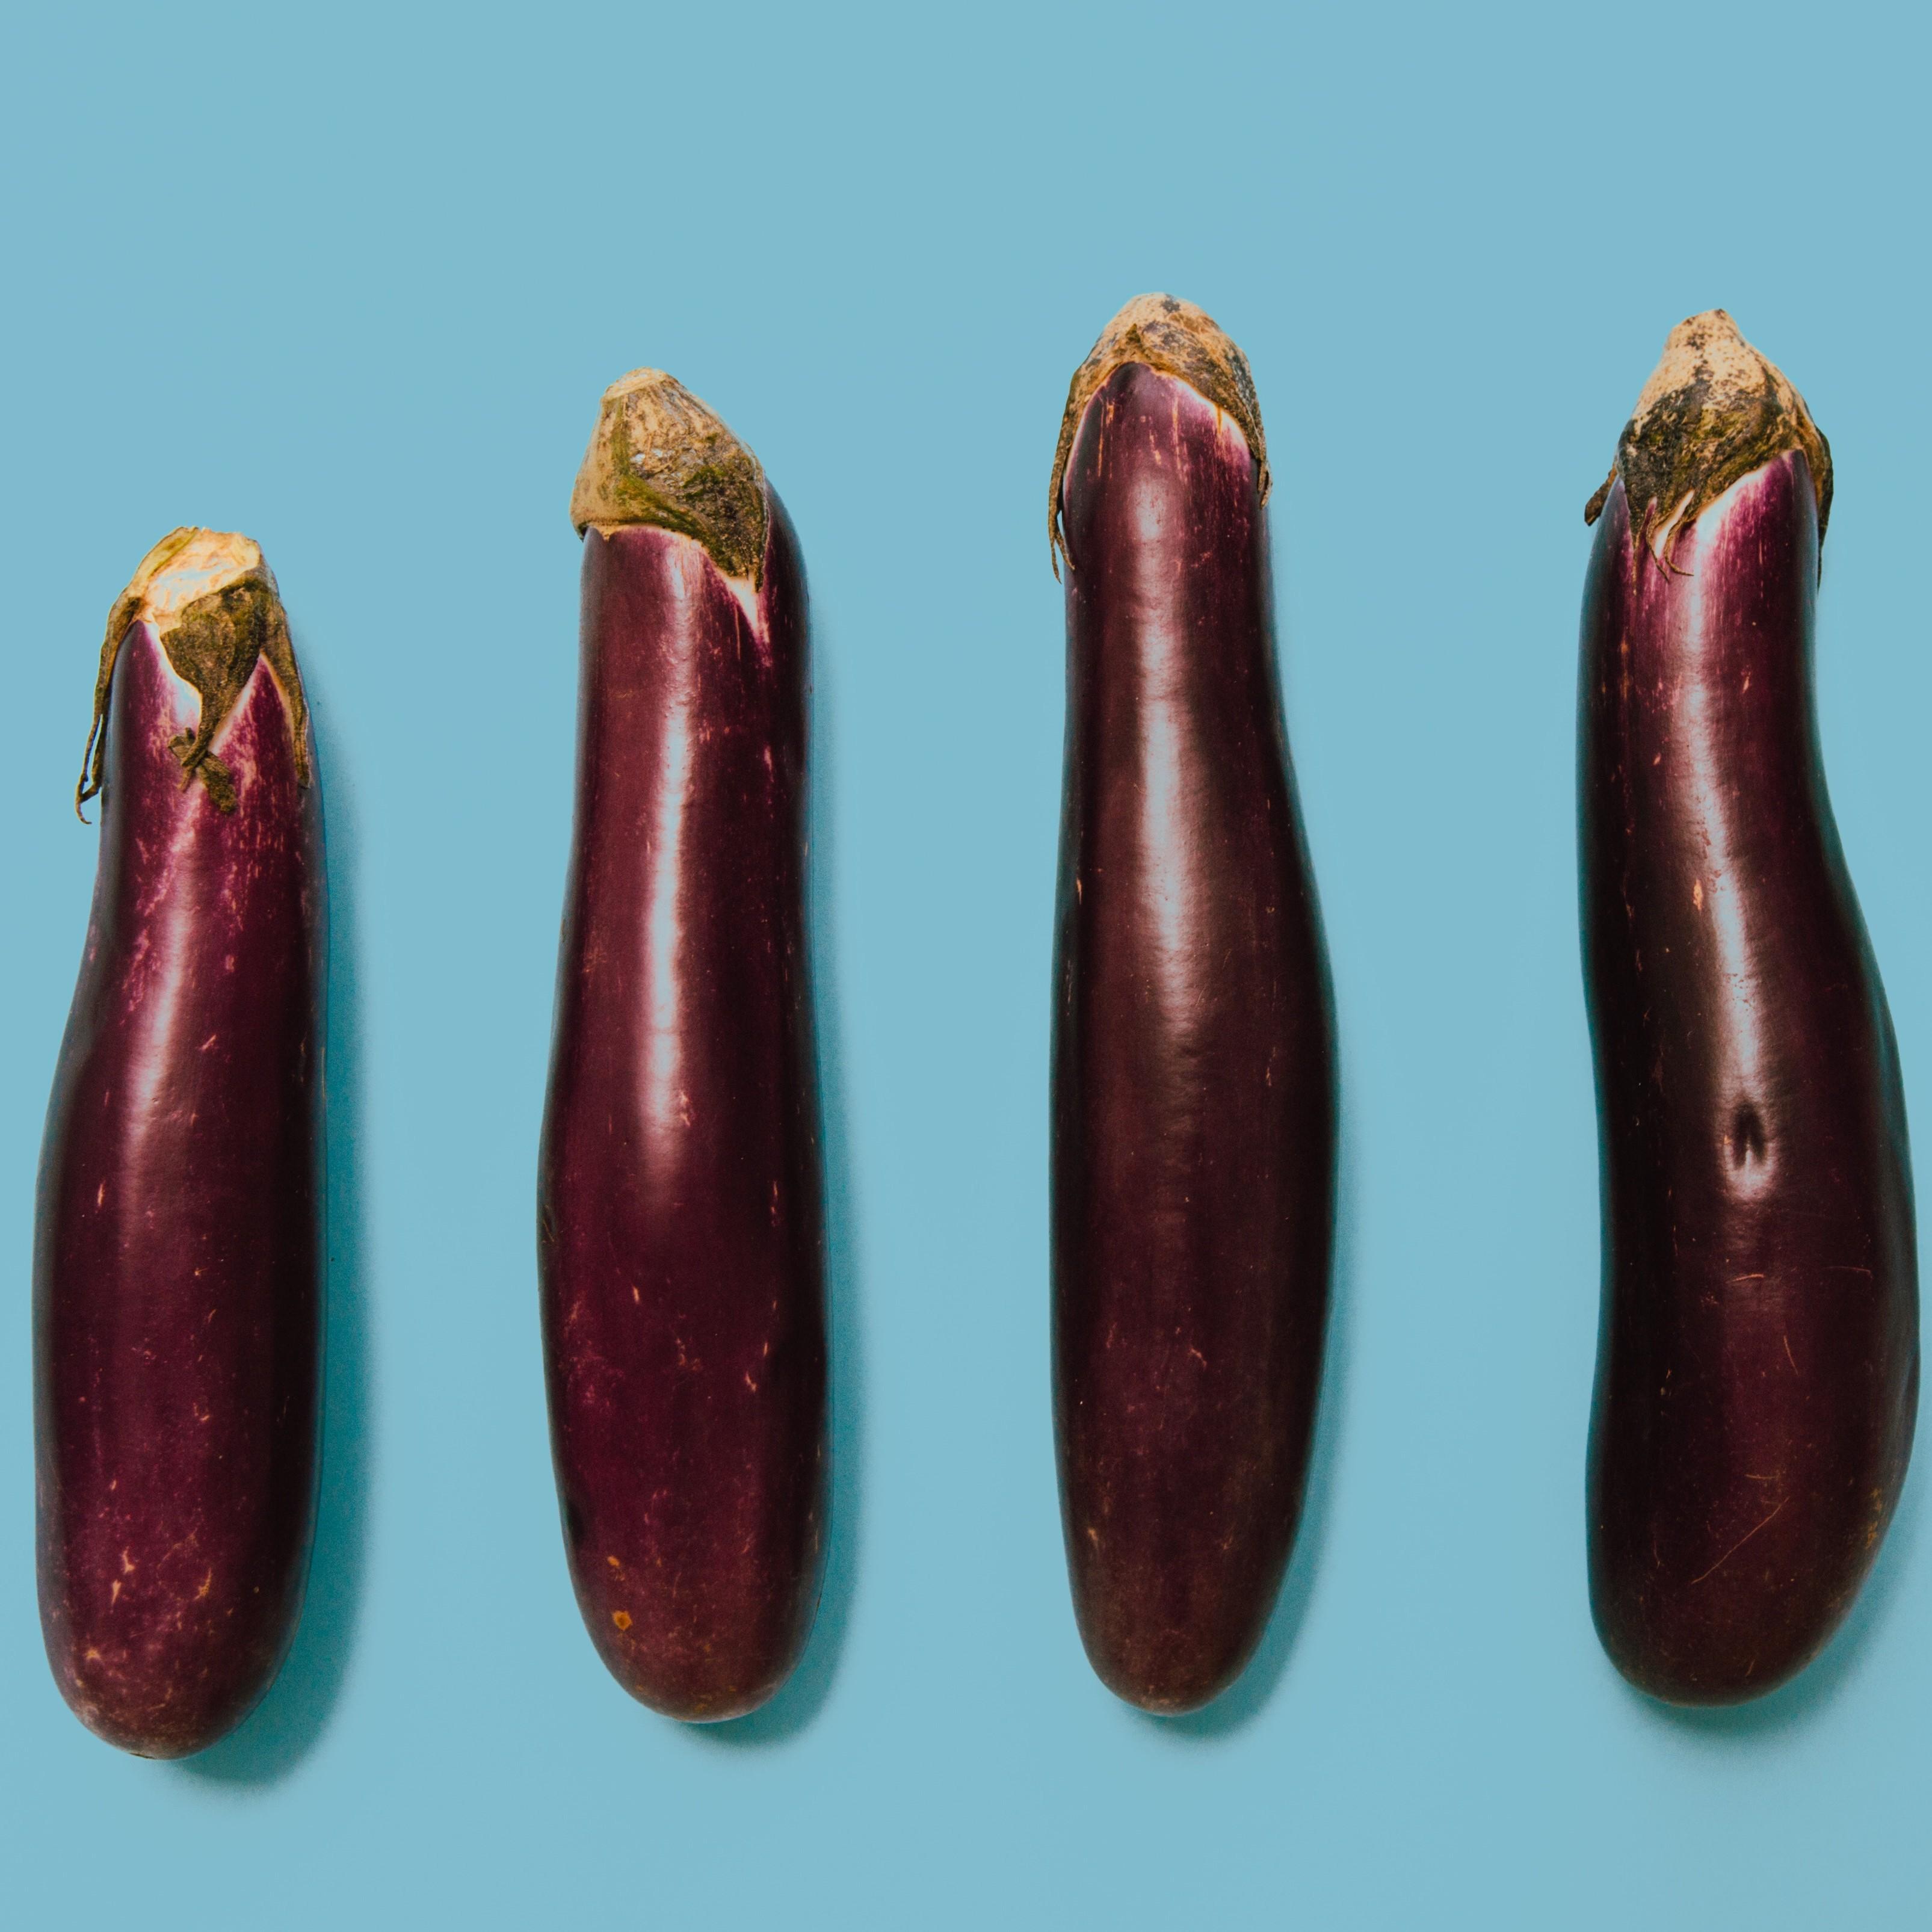 Micsorarea penisului: cele mai frecvente cauze, Dimensiunea penisului fără erecție